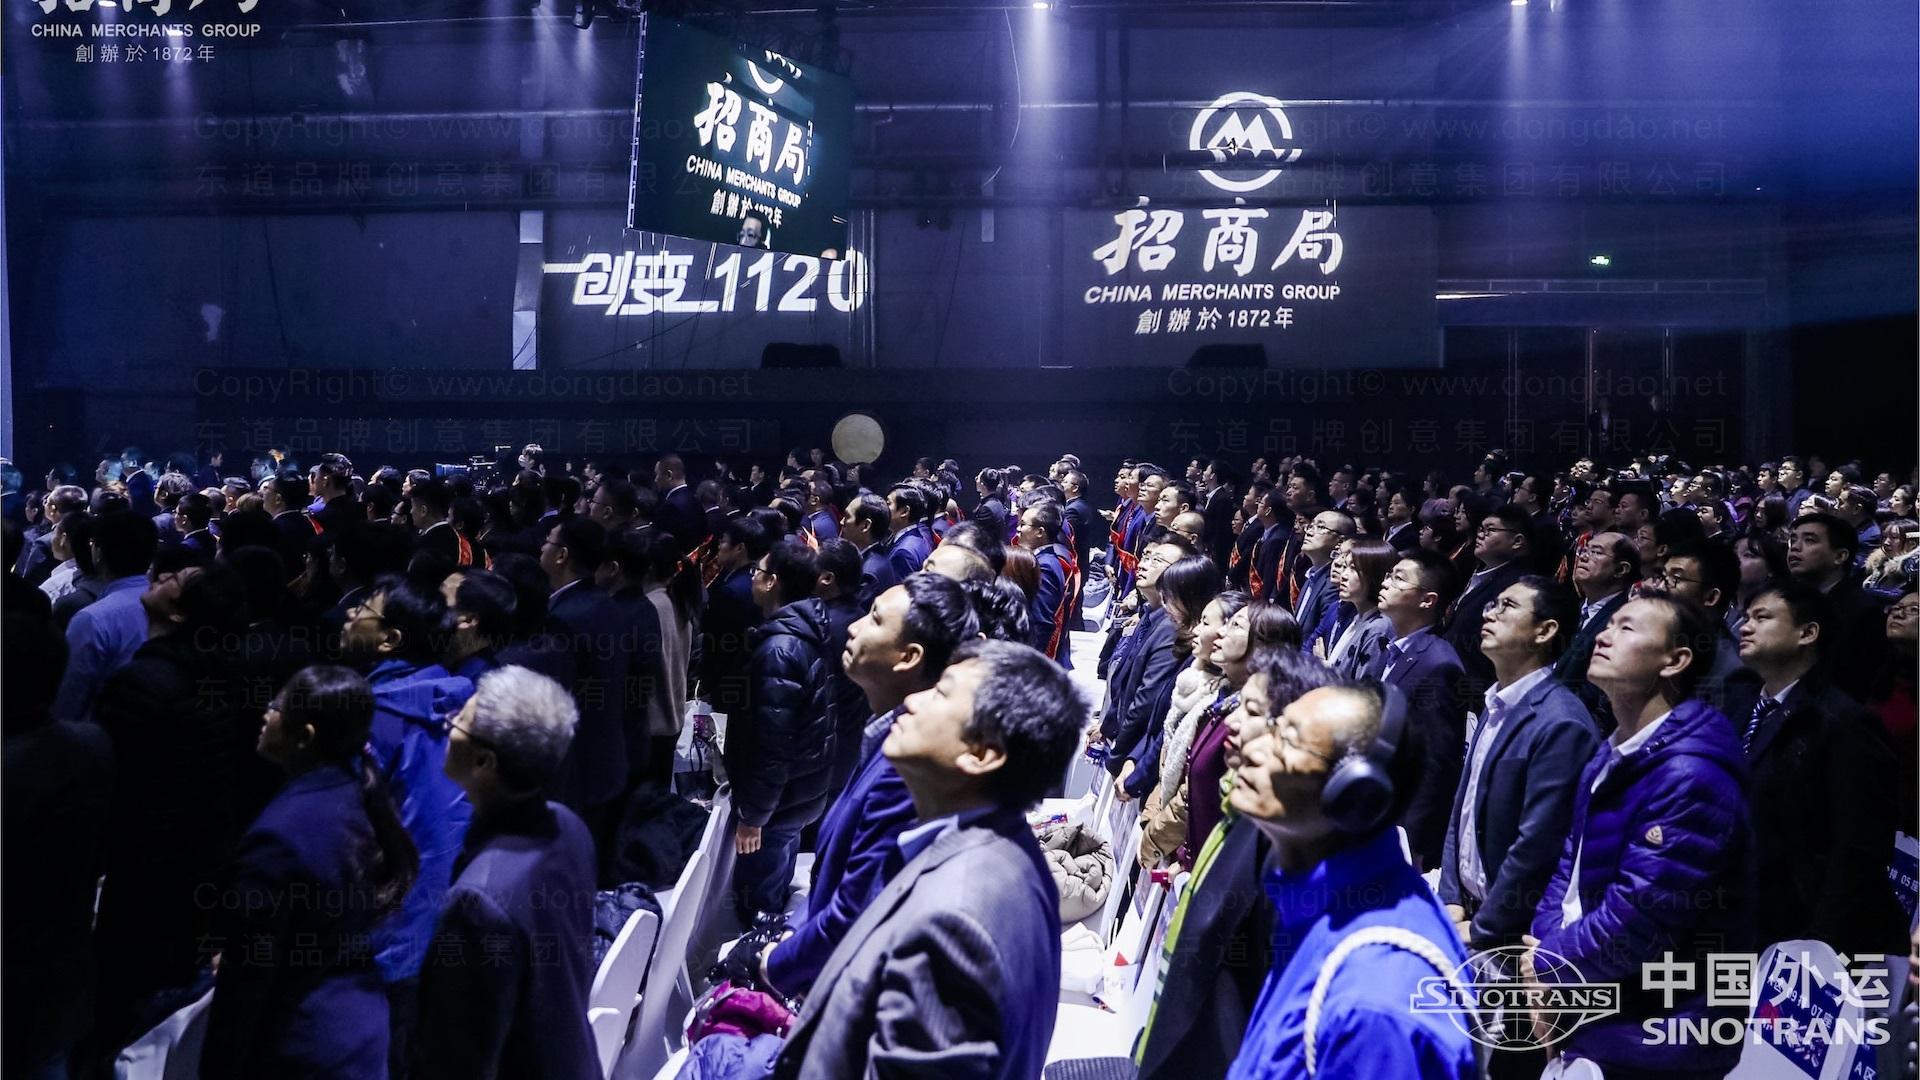 品牌战略&企业文化中国外运企业文化落地项目企业文化手册应用场景_12